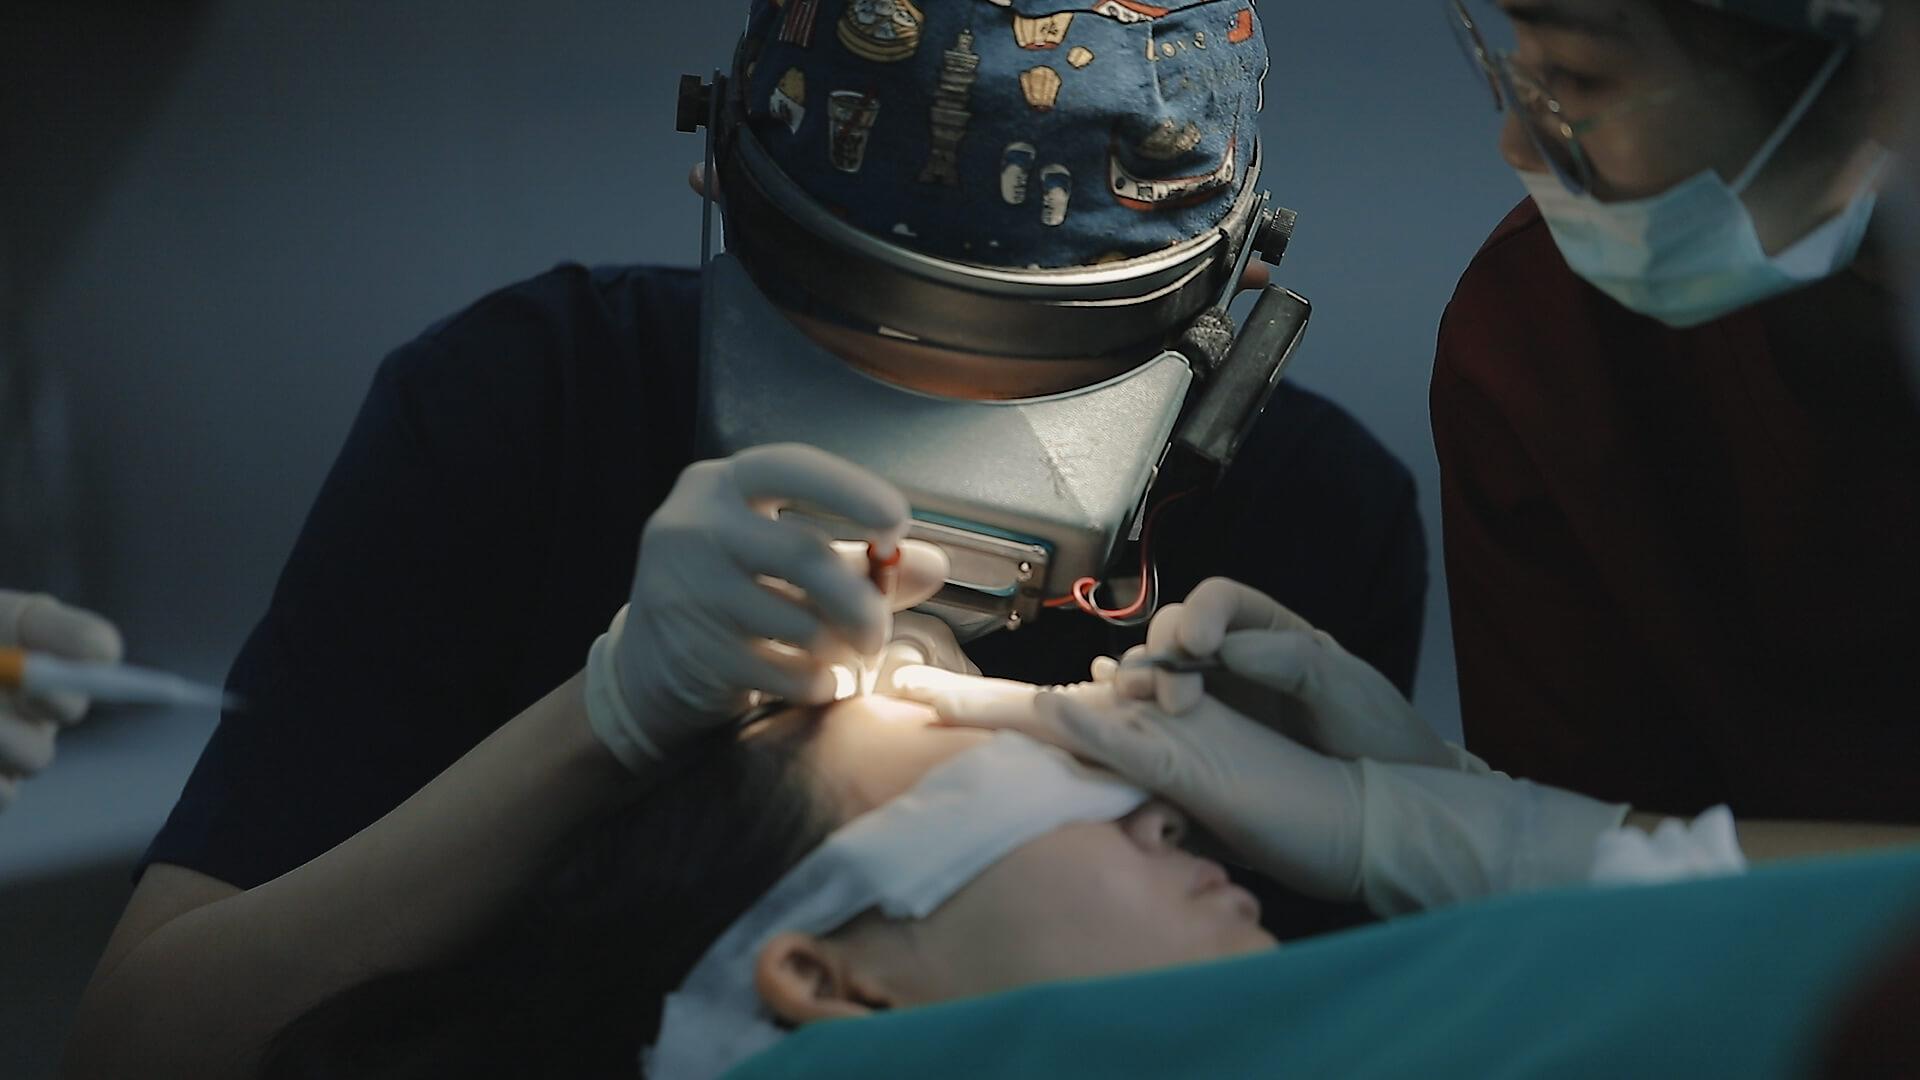 植髮推薦:植髮手術採用韓式植髮筆 全程醫師親自種植 確保手術時間及高毛囊存活率